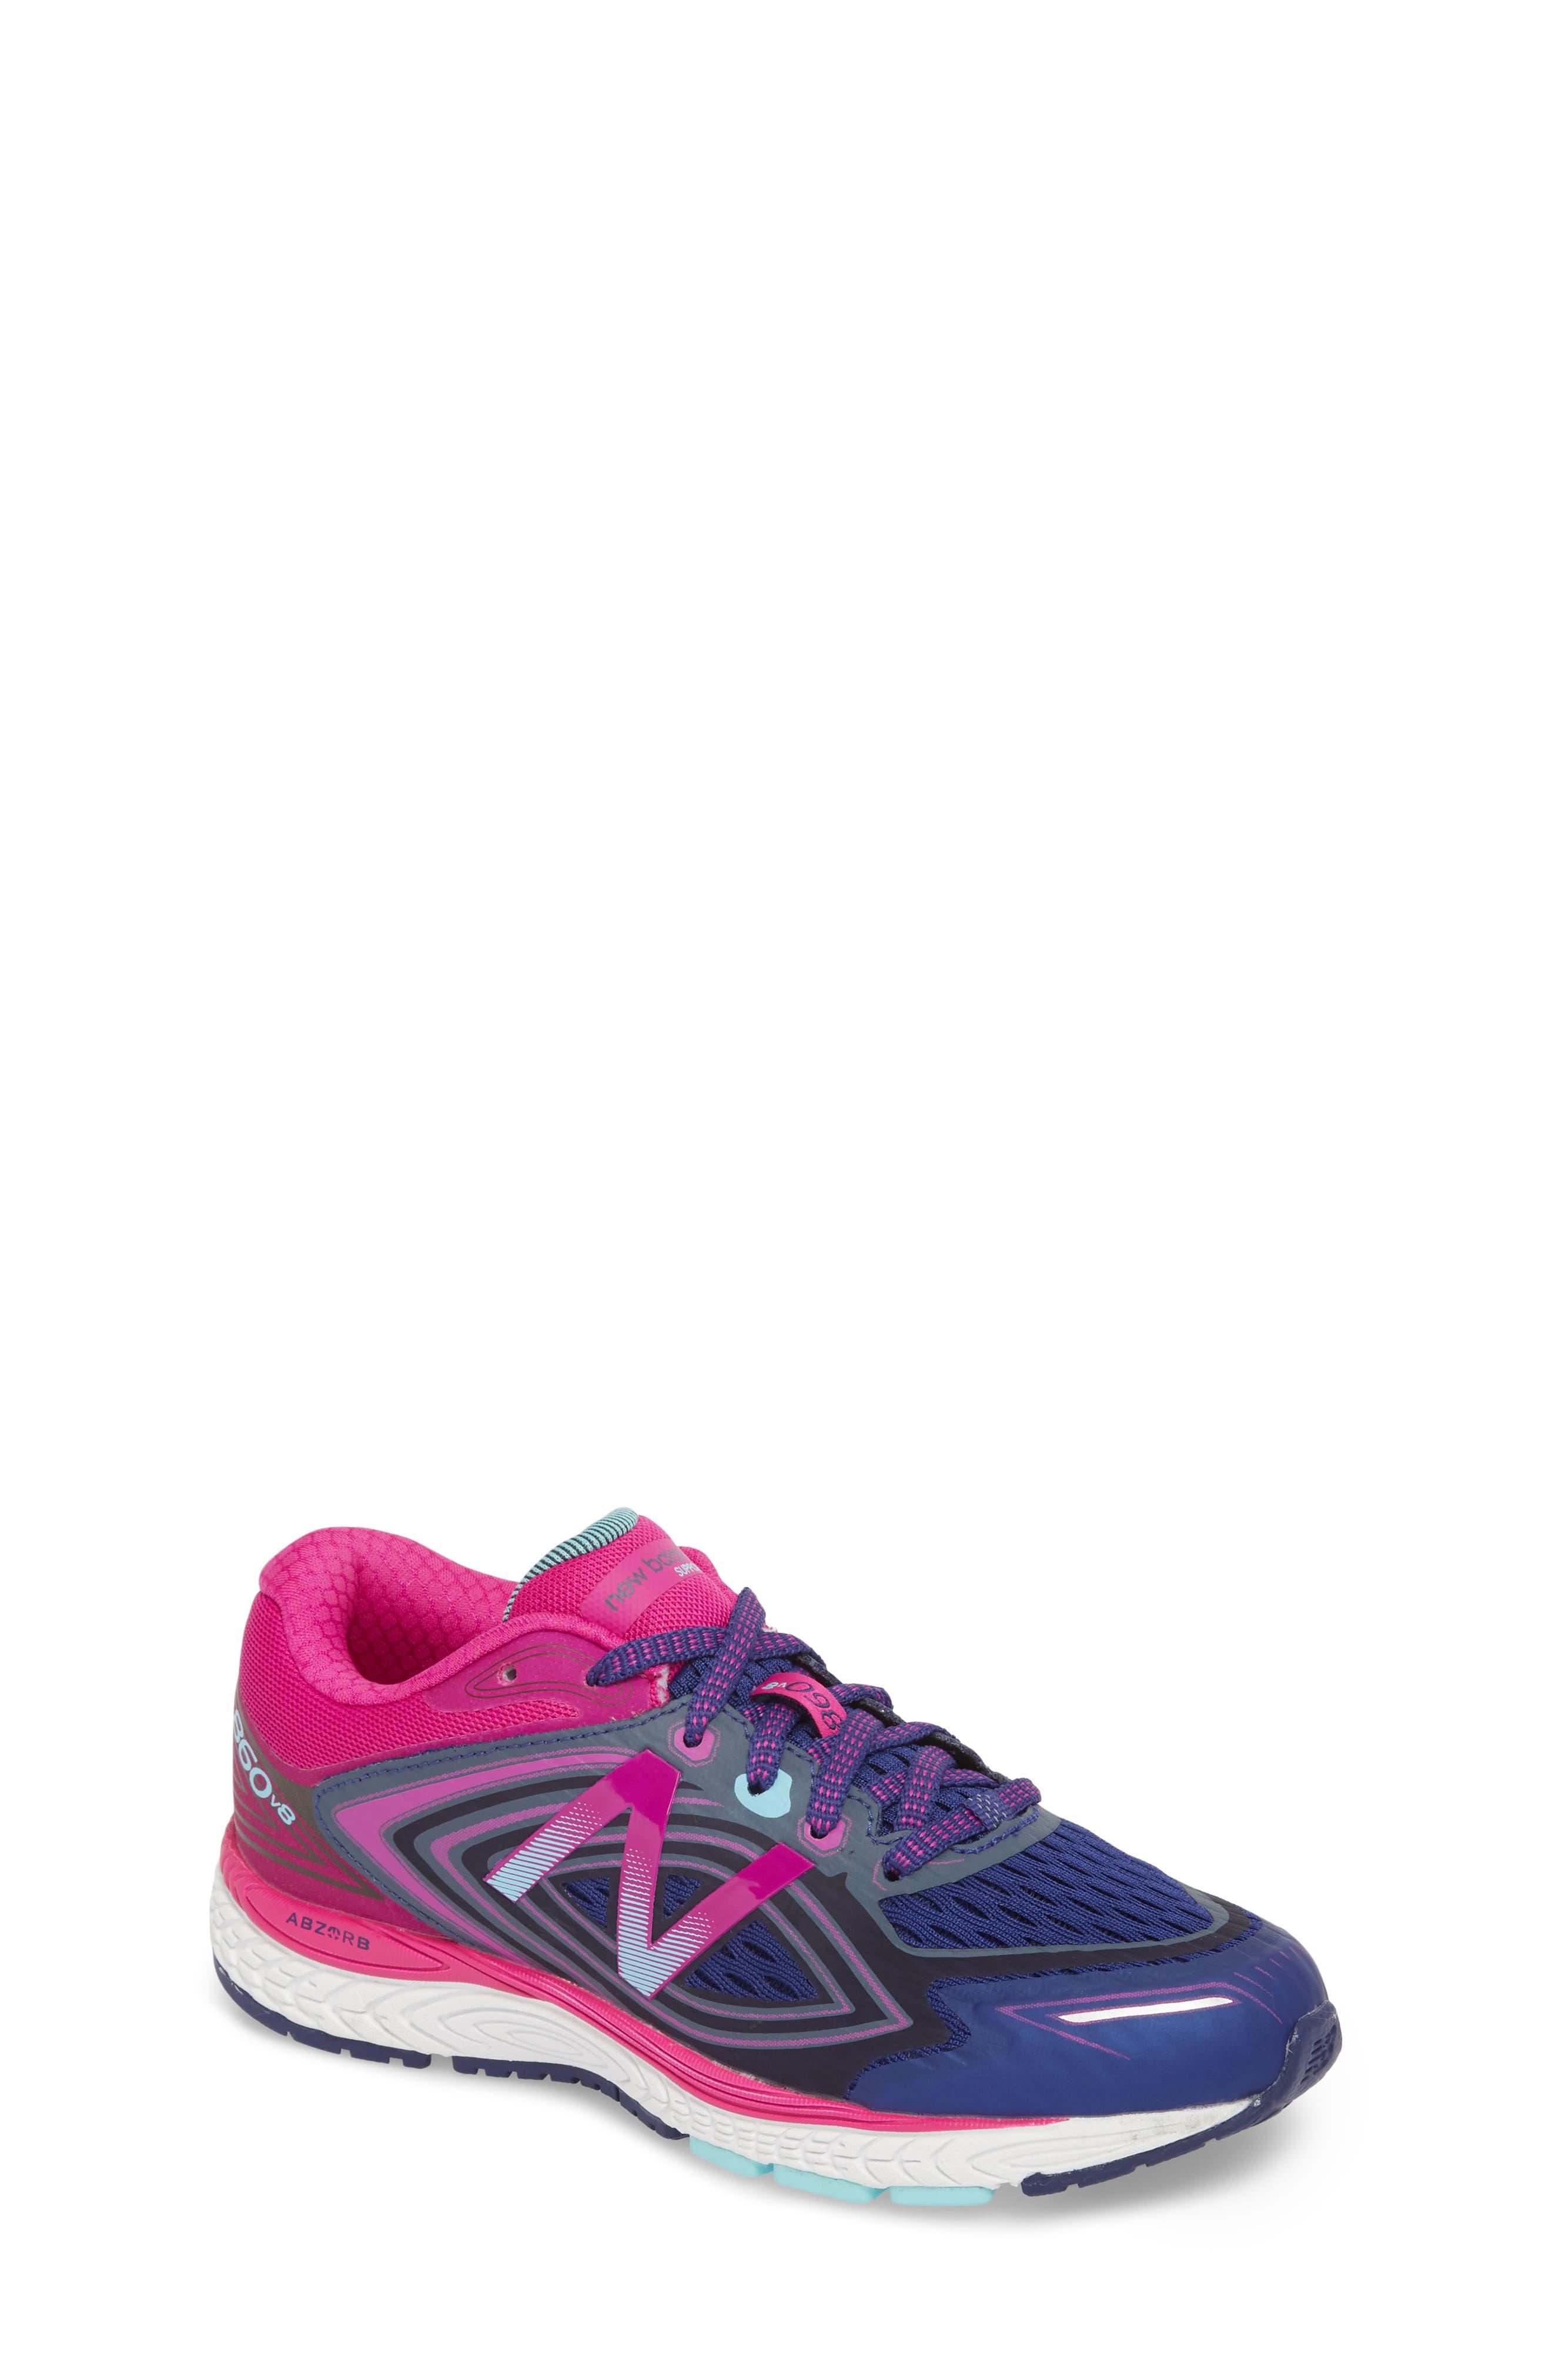 860v8 Sneaker,                         Main,                         color, Navy